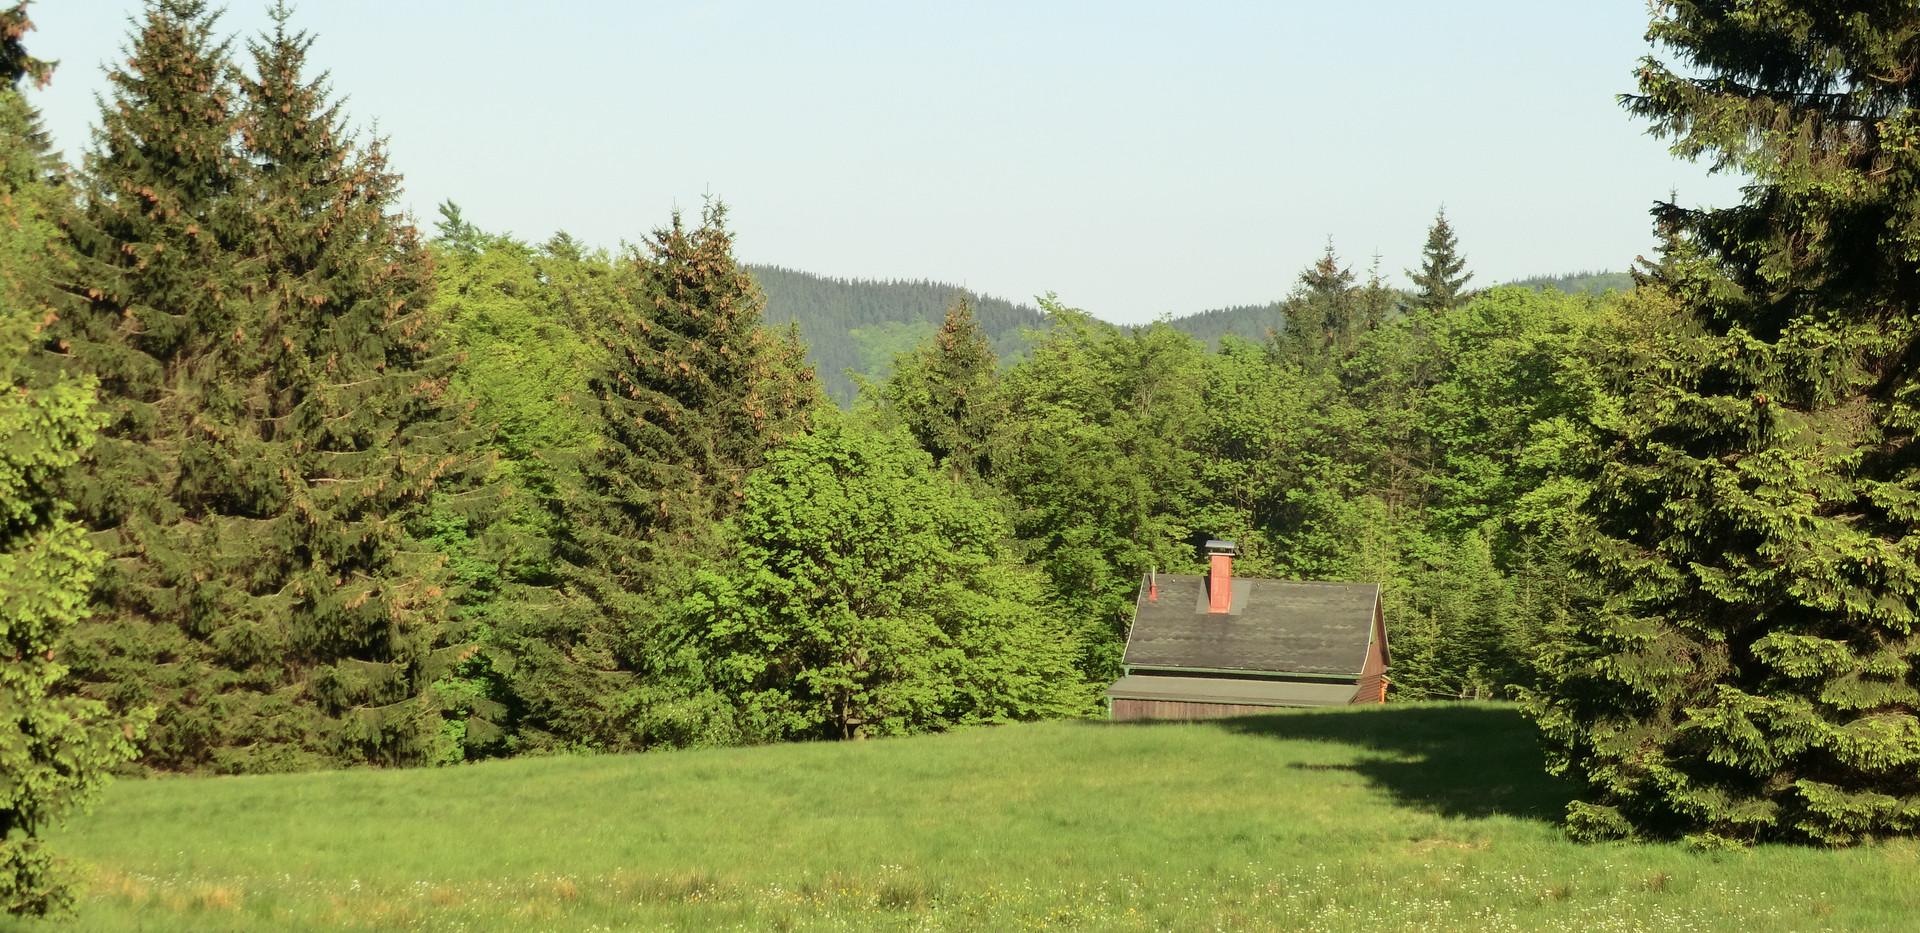 Forsthütte im Wald